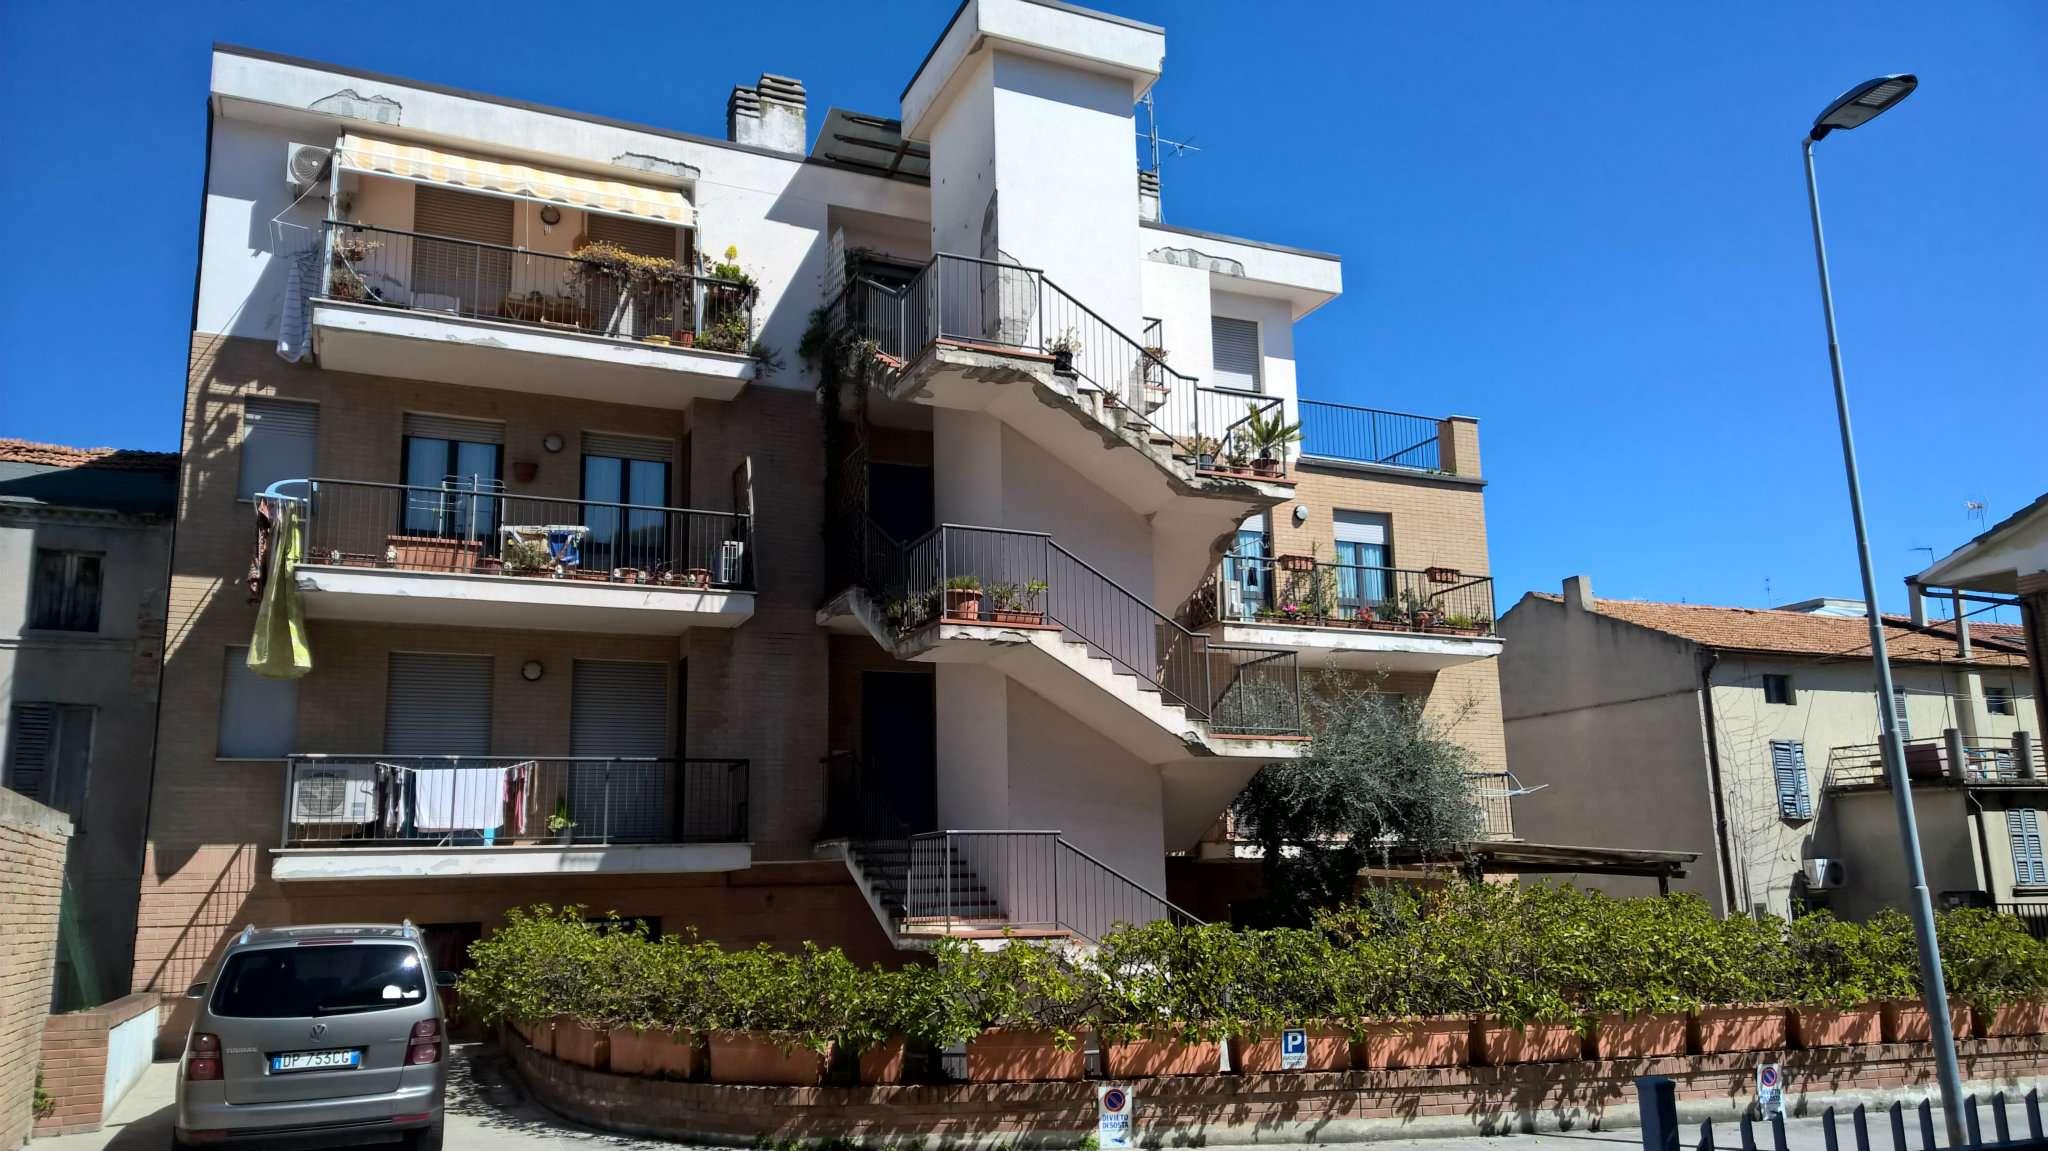 Appartamento in vendita a Porto Sant'Elpidio, 6 locali, prezzo € 86.000 | Cambio Casa.it